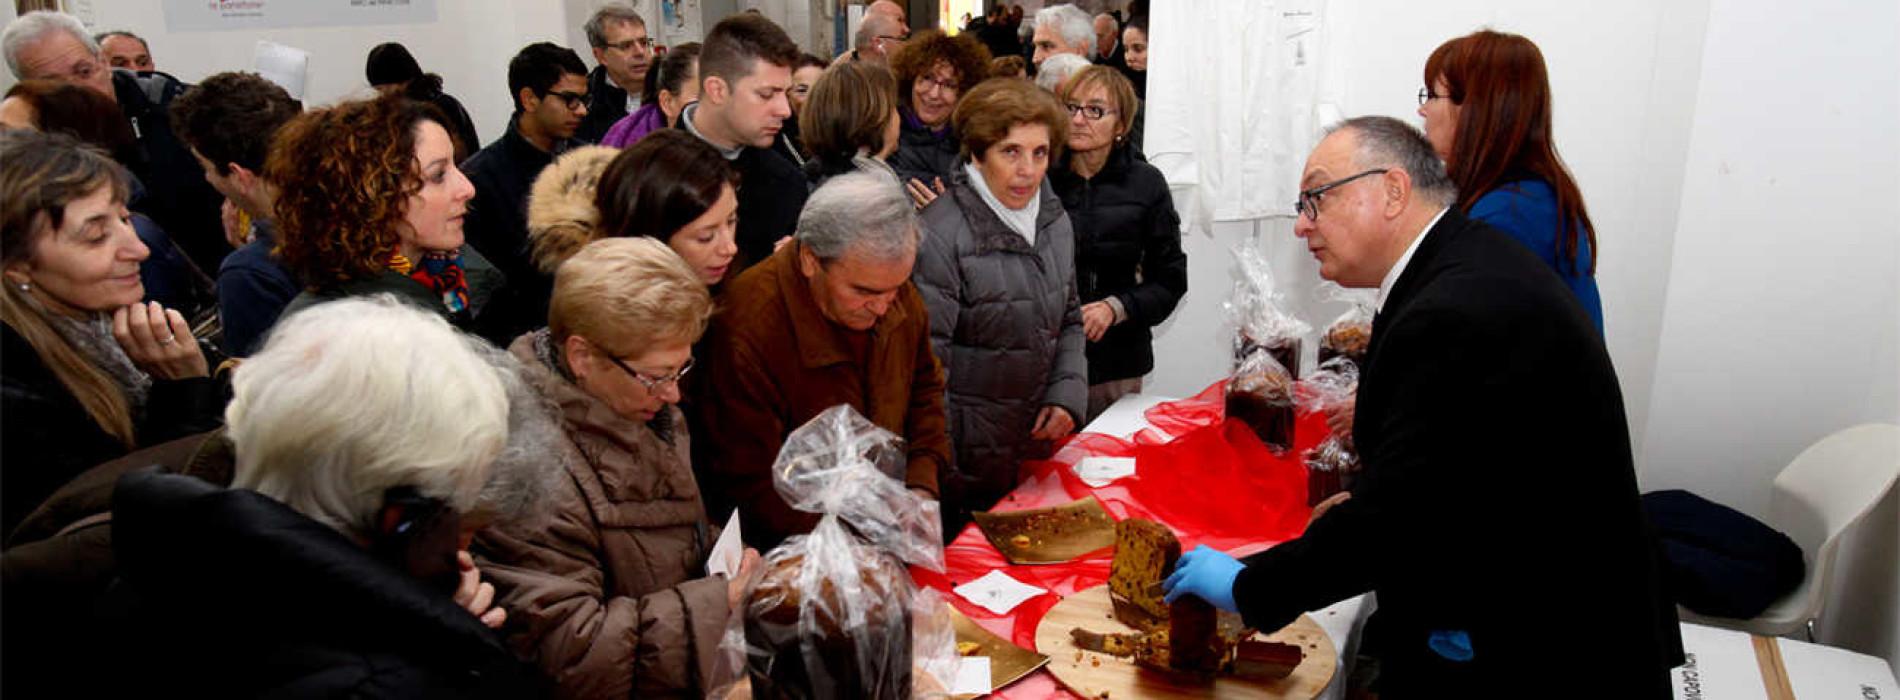 eventi milano novembre 2015 oggi re panettone